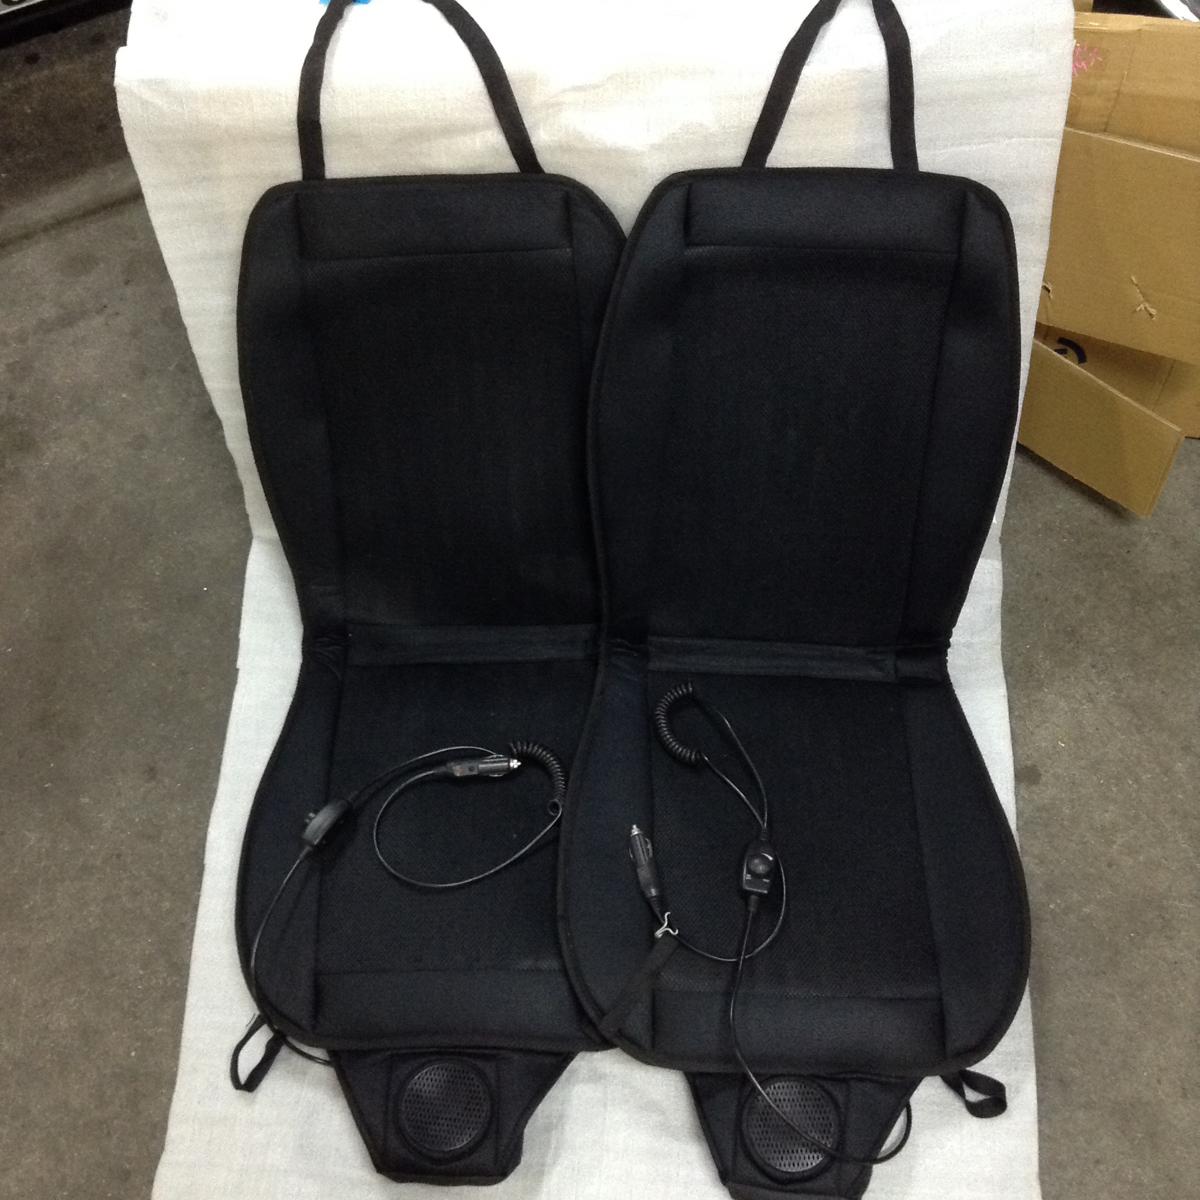 エアー クール カーシート 車用シートクーラー 2個セット